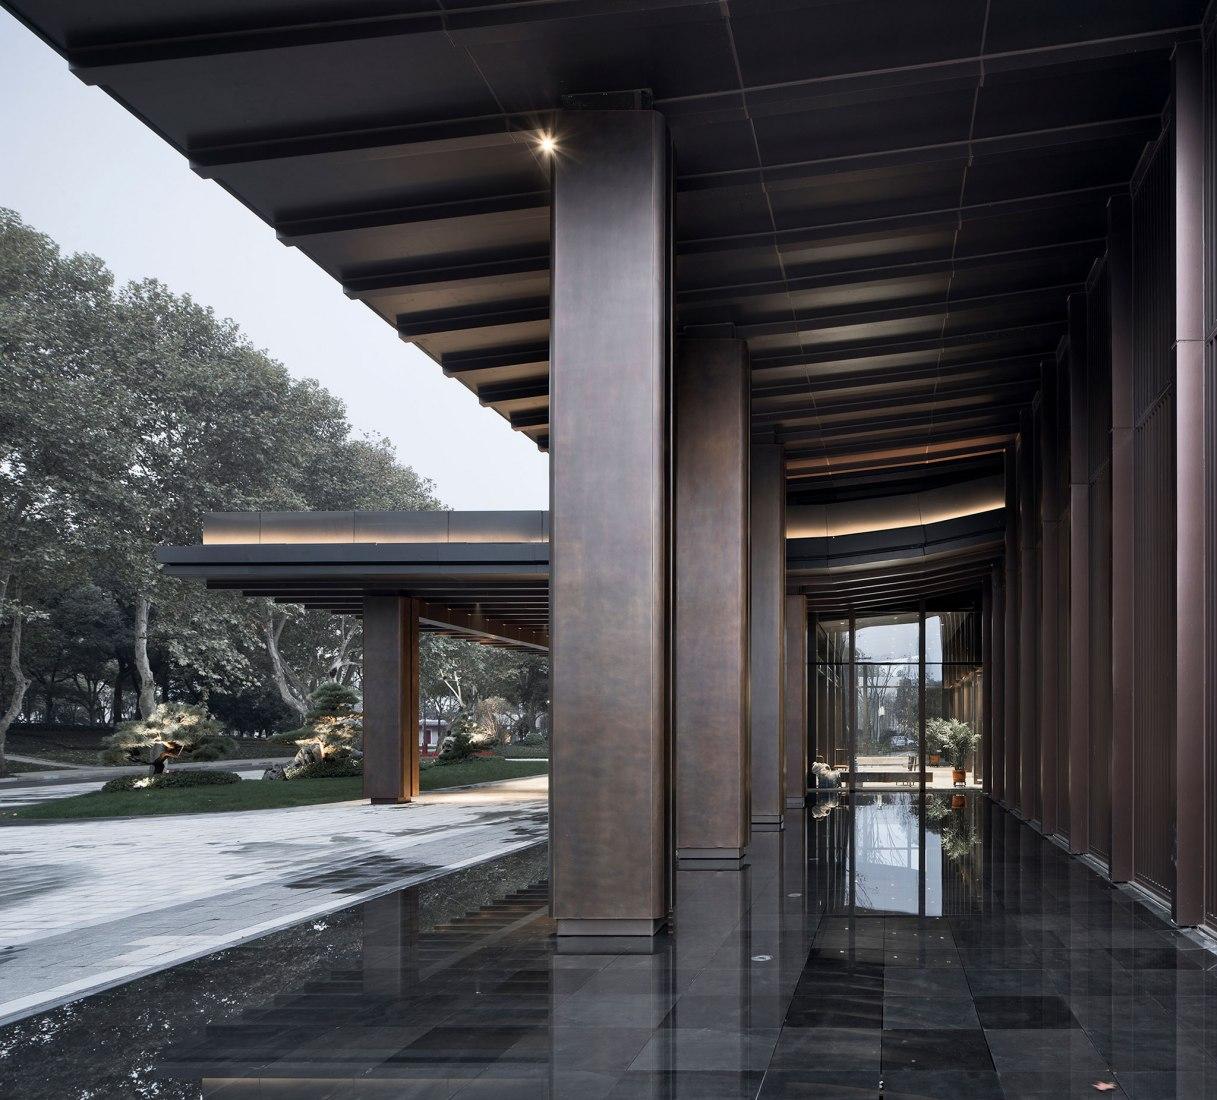 Salón multiusos para el Hotel Shaoxing por UAD. Fotografía por Zhao Qiang